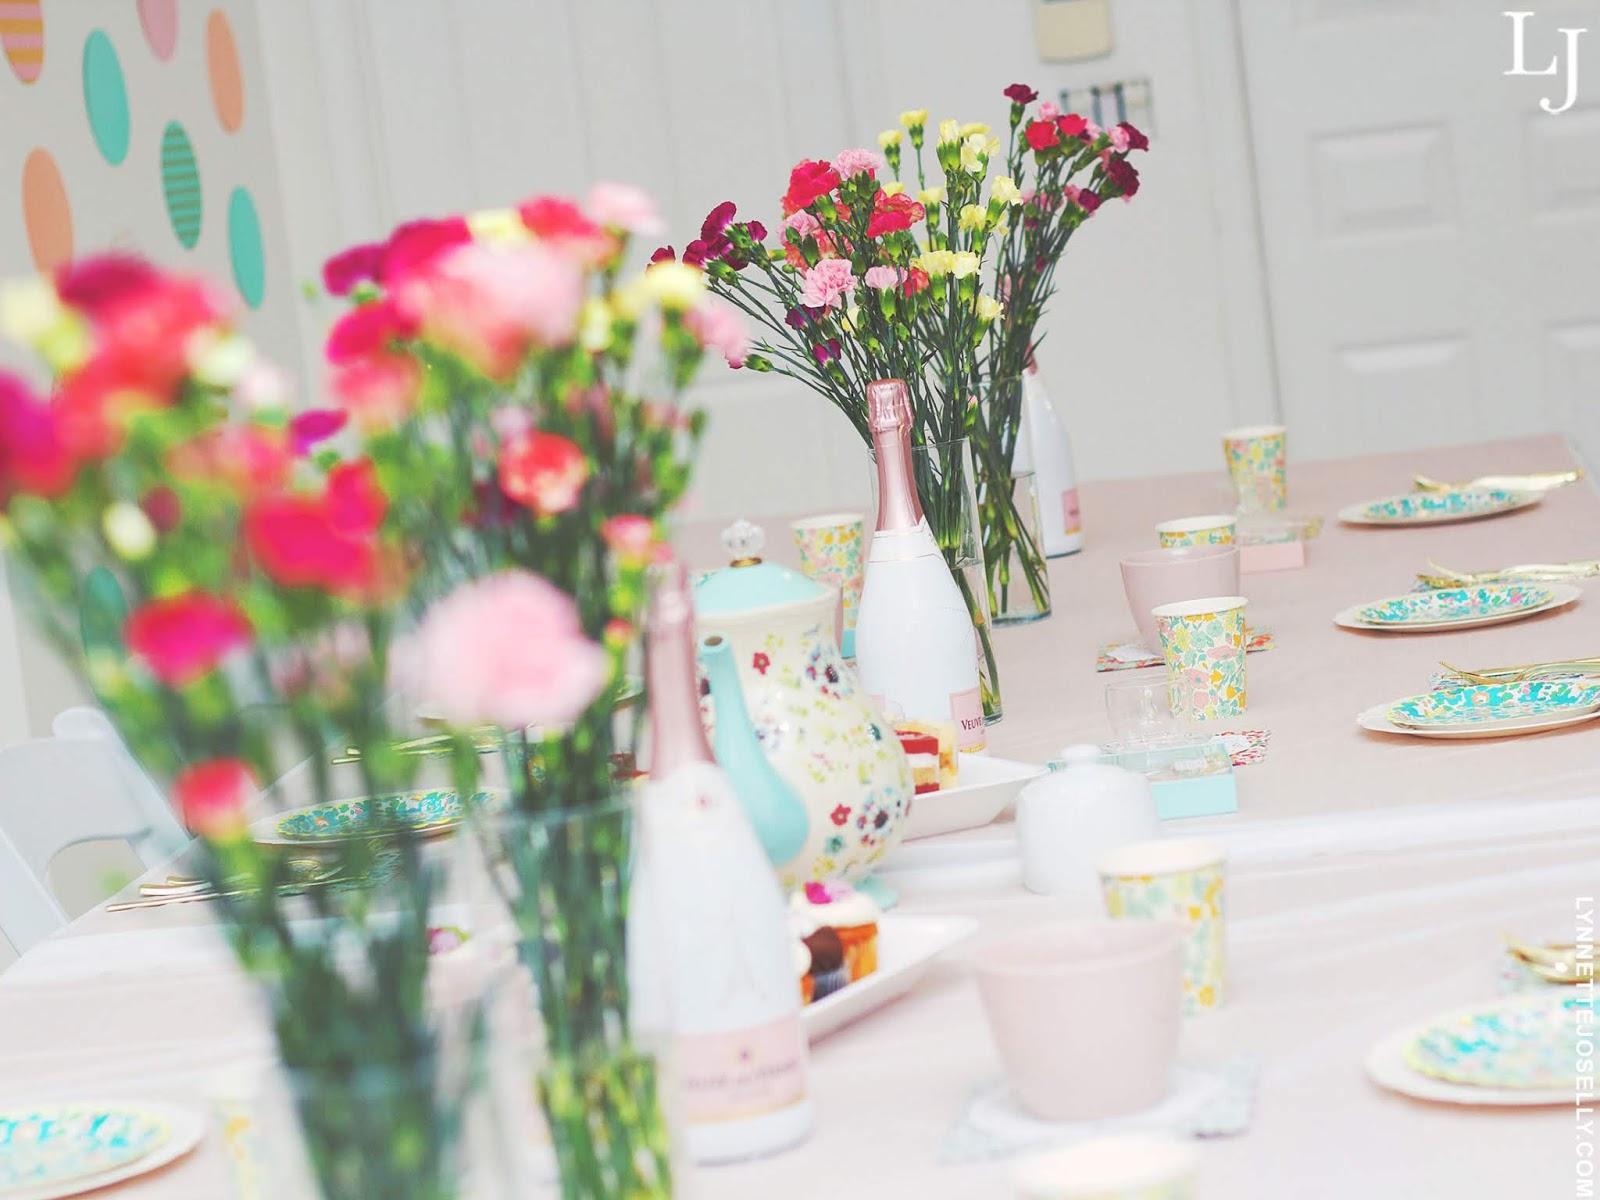 tea-party-ideas-table-decor